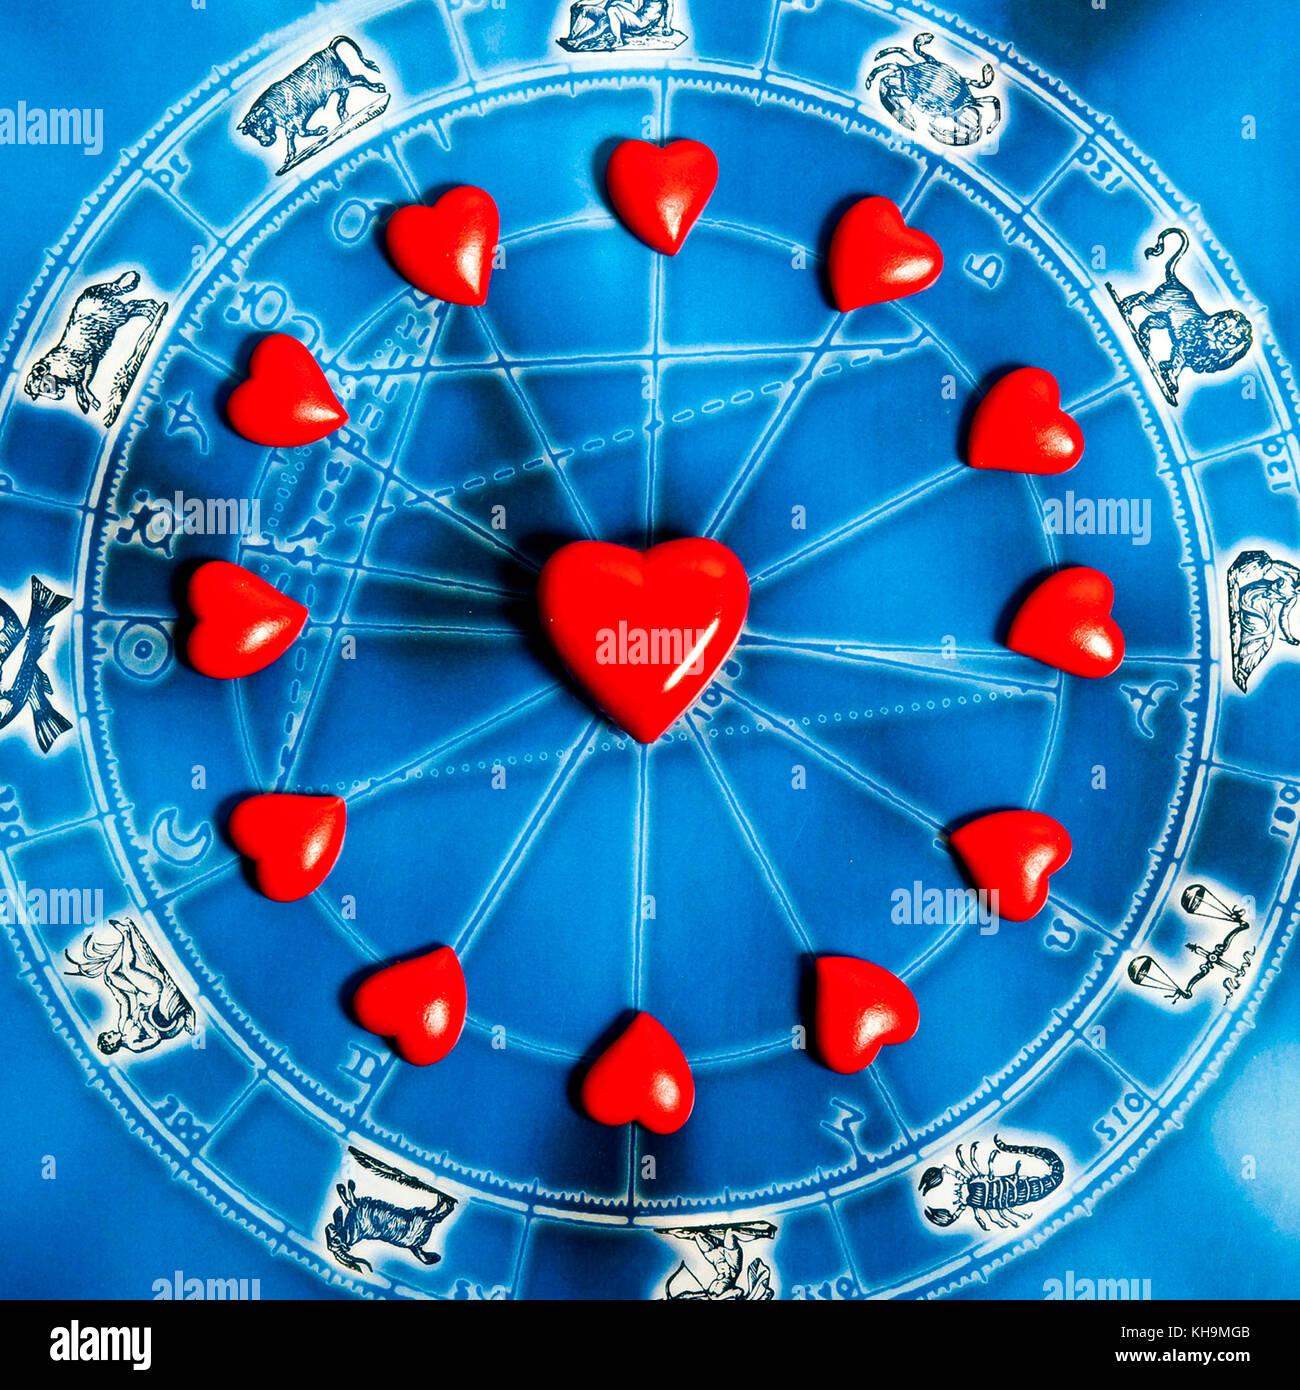 Carta Astral con todos los signos del zodíaco y los corazones, amor a la astrología concepto Foto de stock